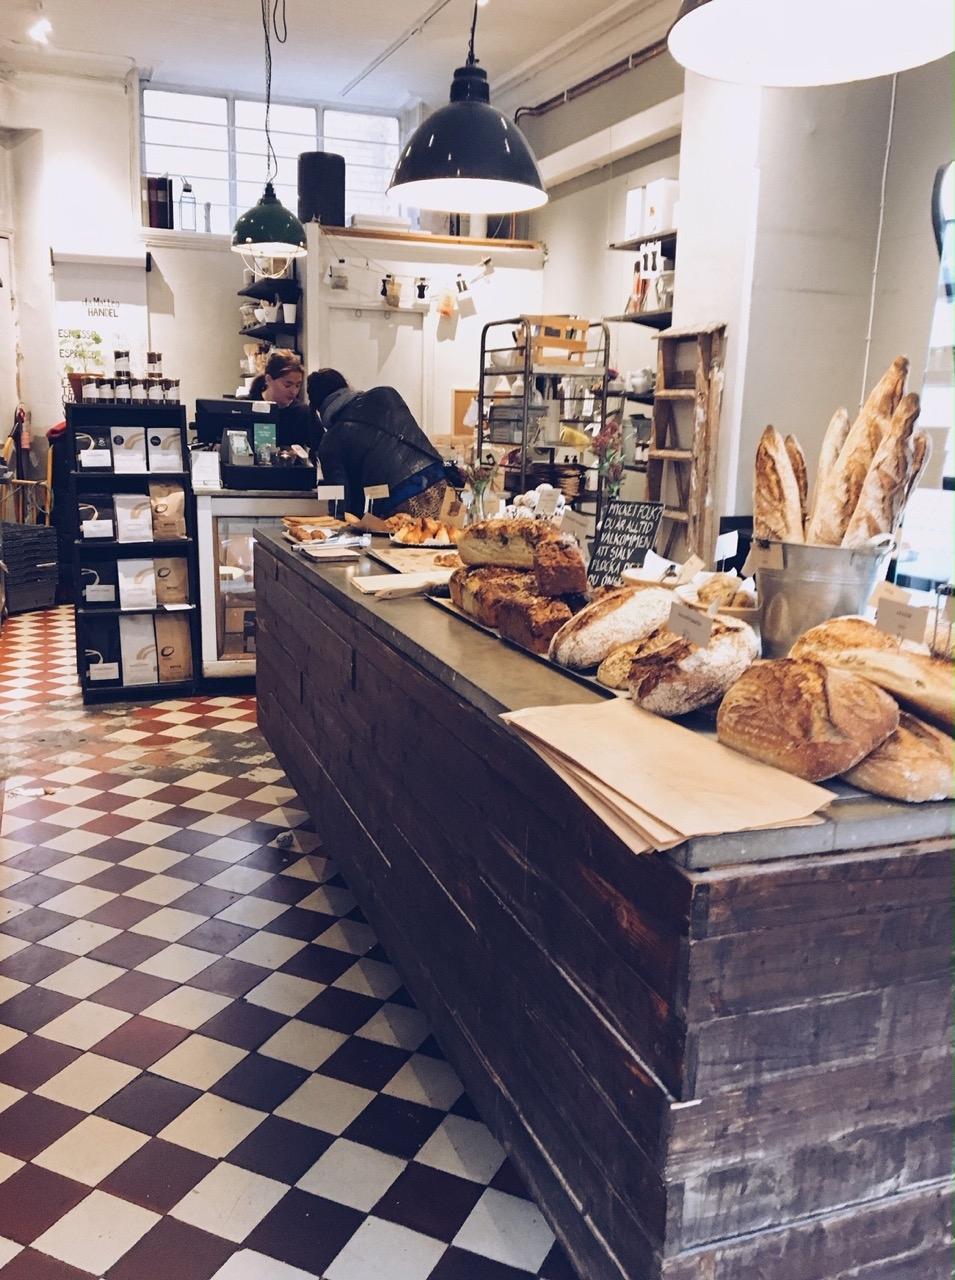 Da_matteo_bakery